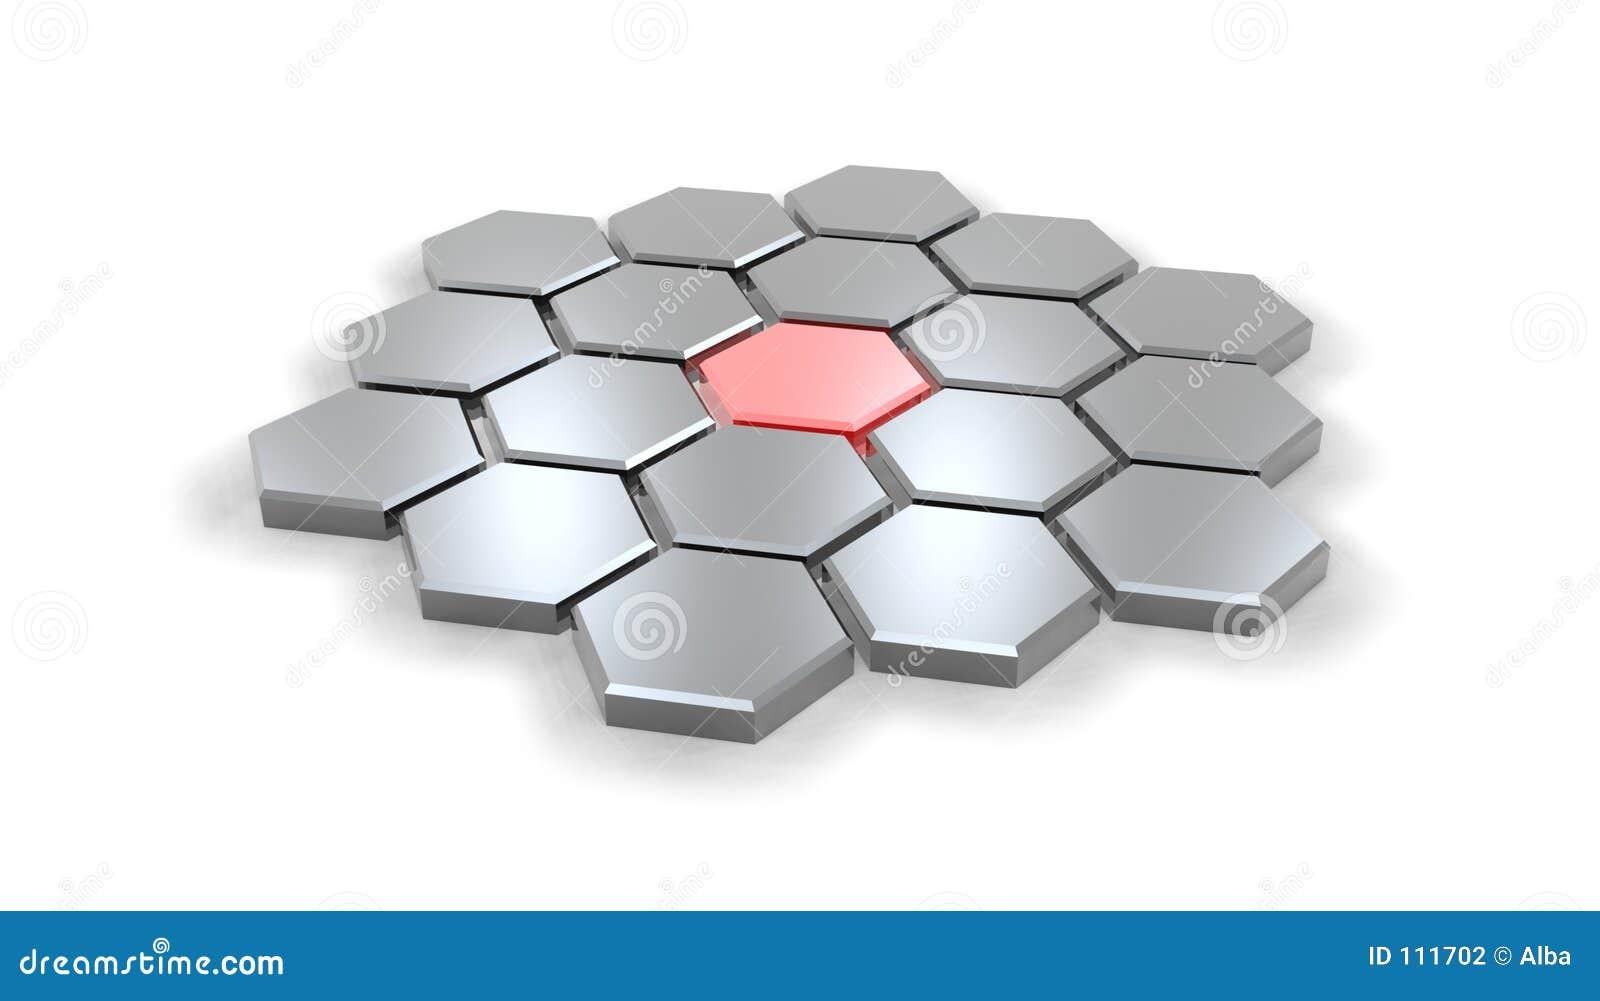 Hexagonal02